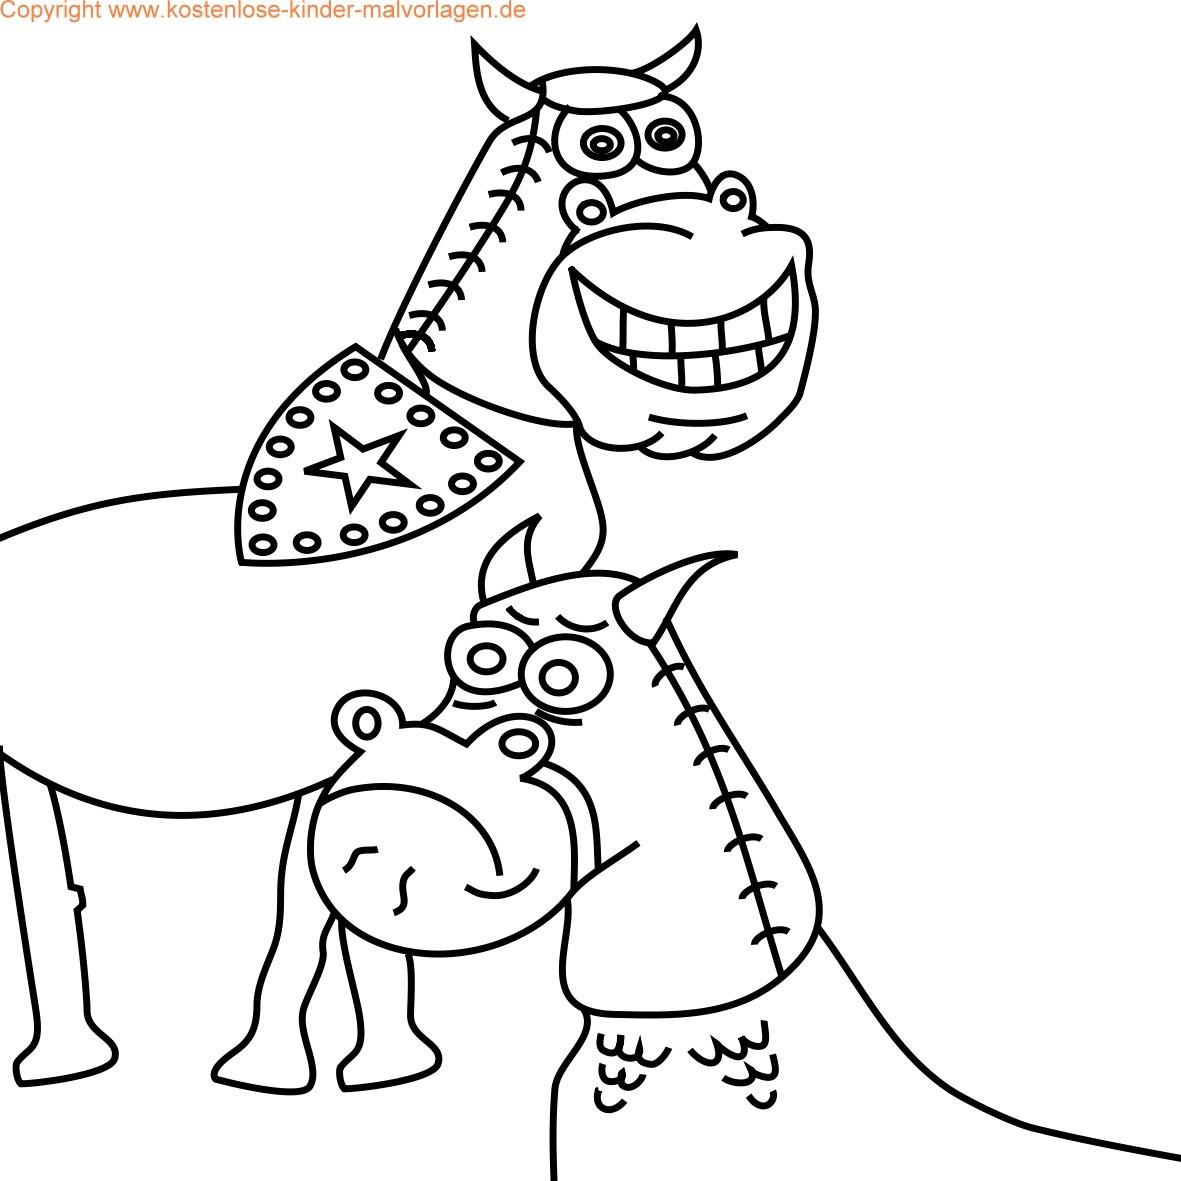 Ausmalbilder Pferde Mit Fohlen Frisch 37 Ausmalbilder Pferd Mit Fohlen Scoredatscore Best Malvorlagen Bild